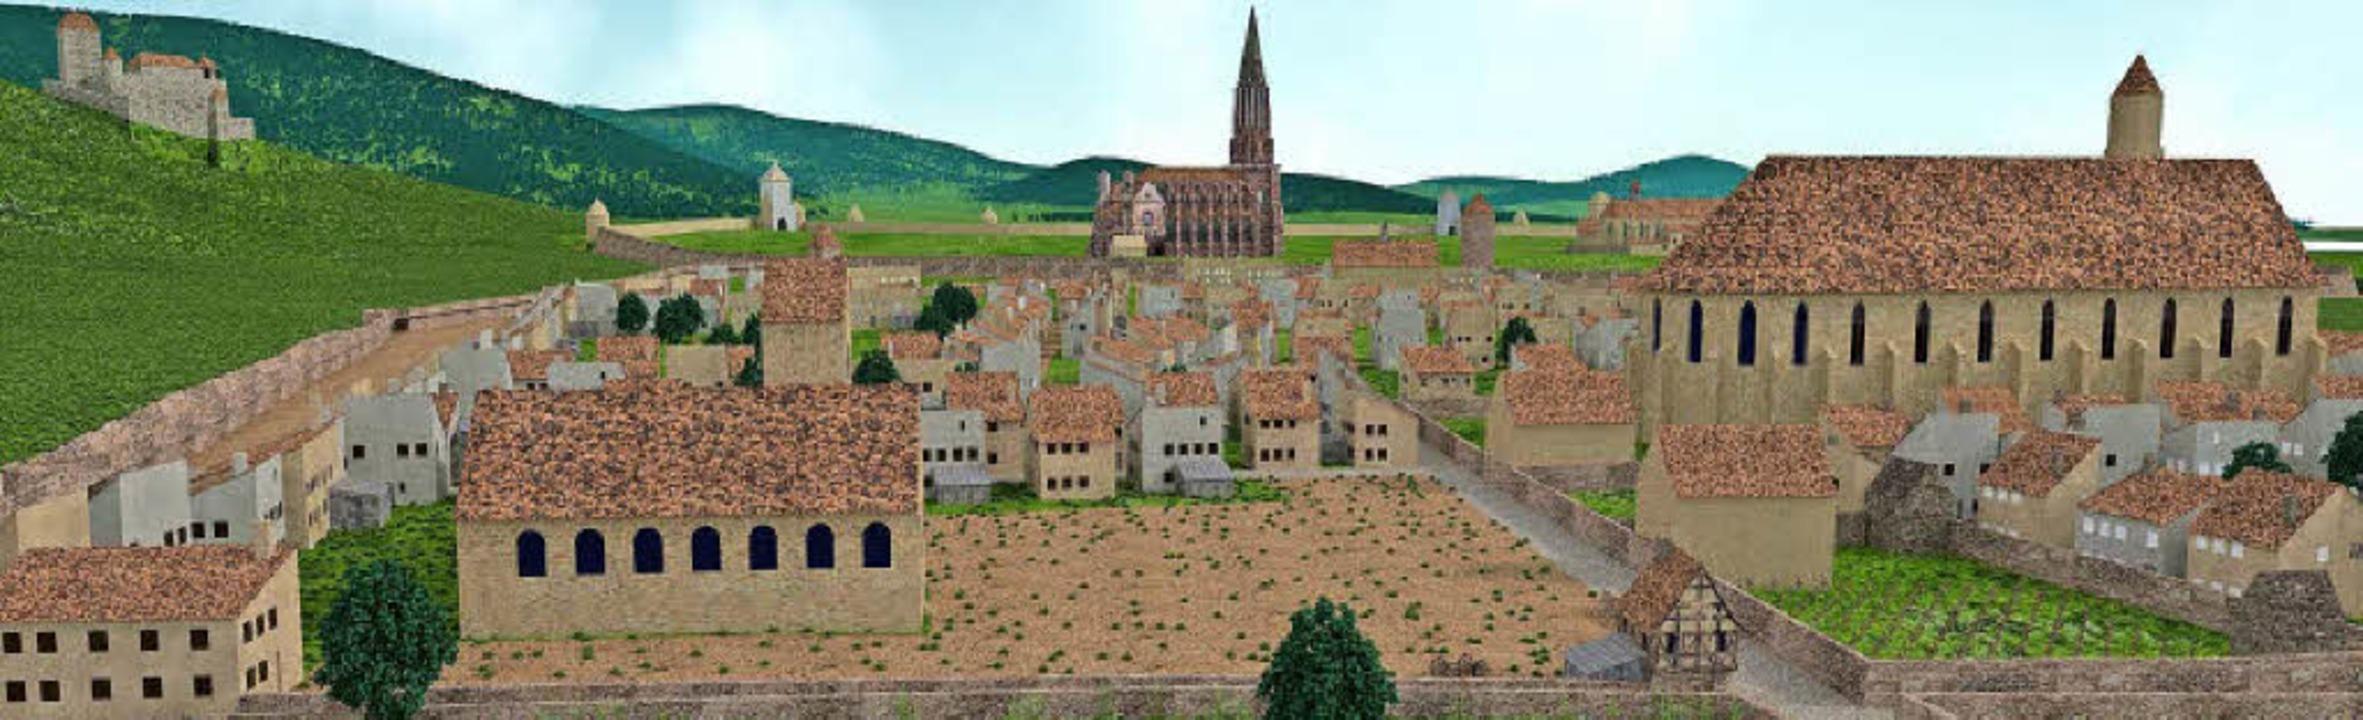 Neuburg war schon im 11. Jahrhundert b...gt eine Rekonstruktion des Stadtteils.  | Foto: Hans-Jürgen van Akkeren